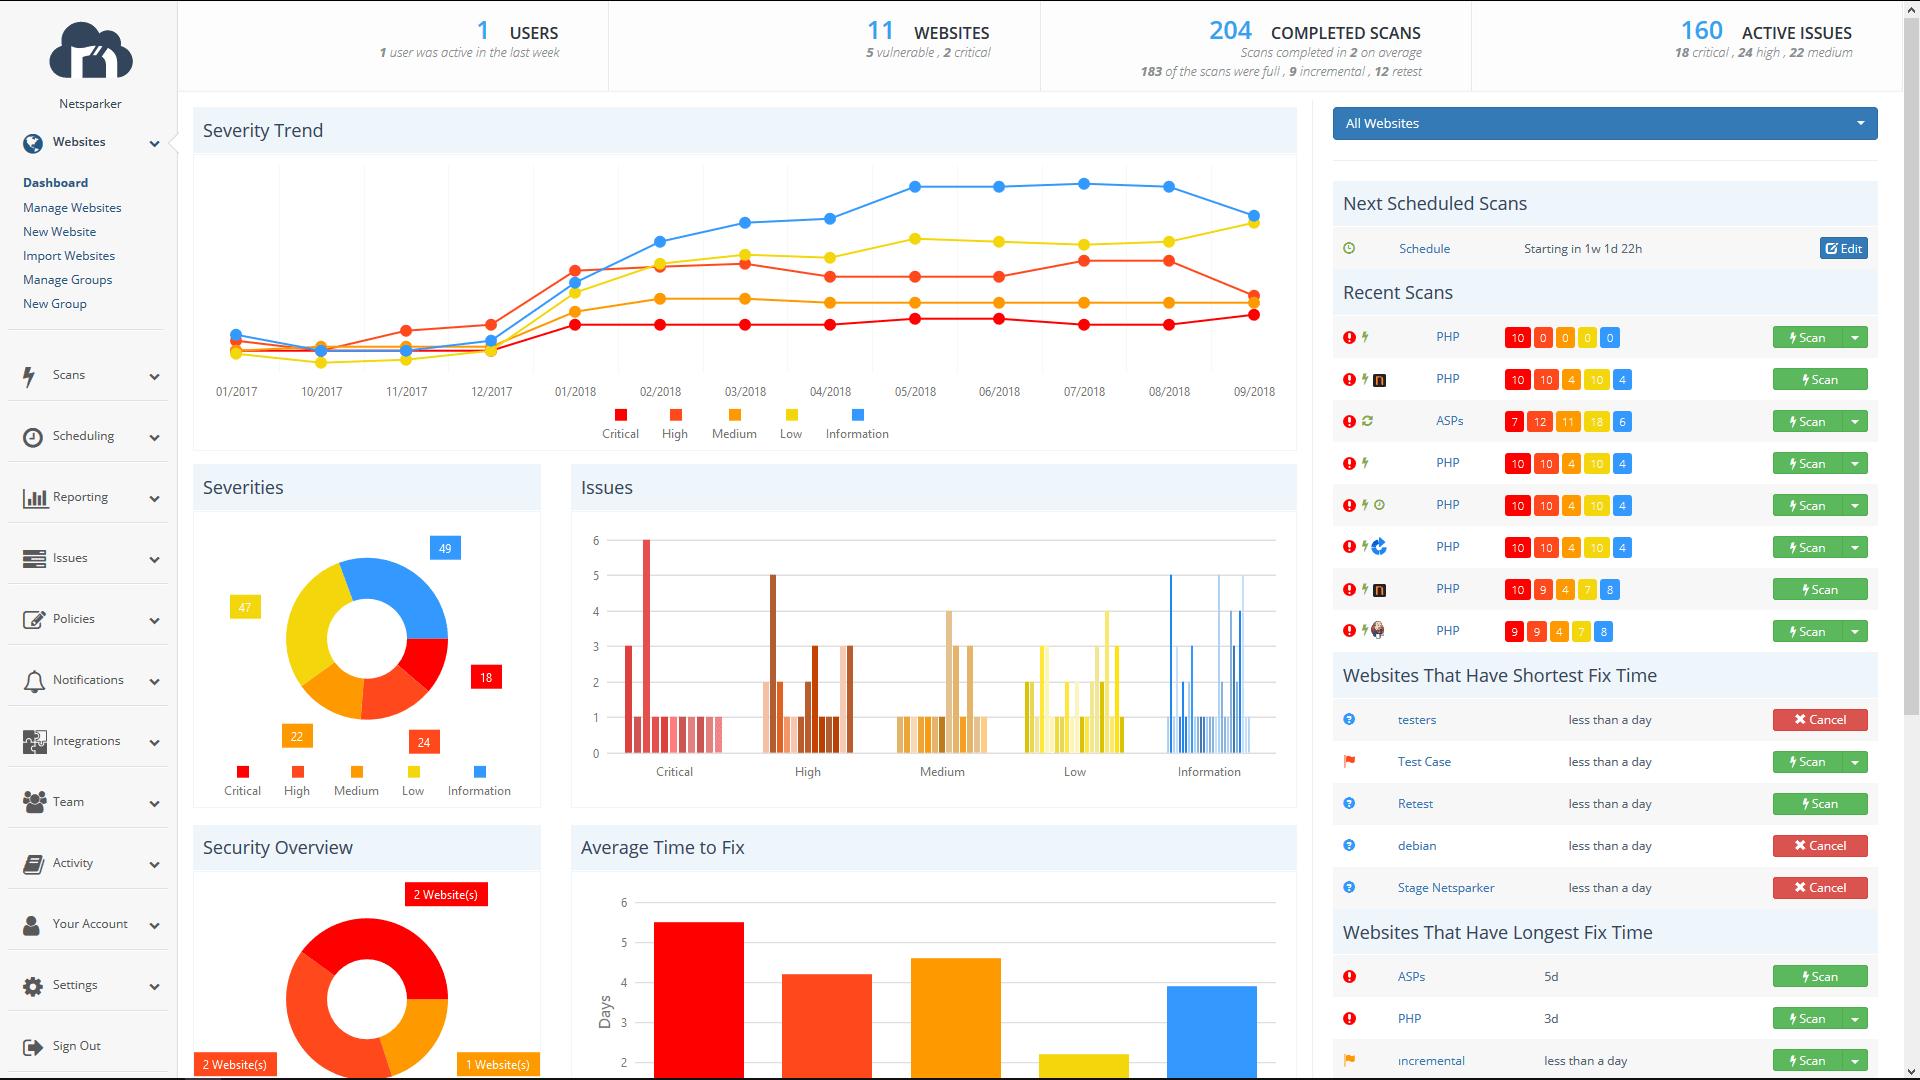 Netsparker dashboard website scan